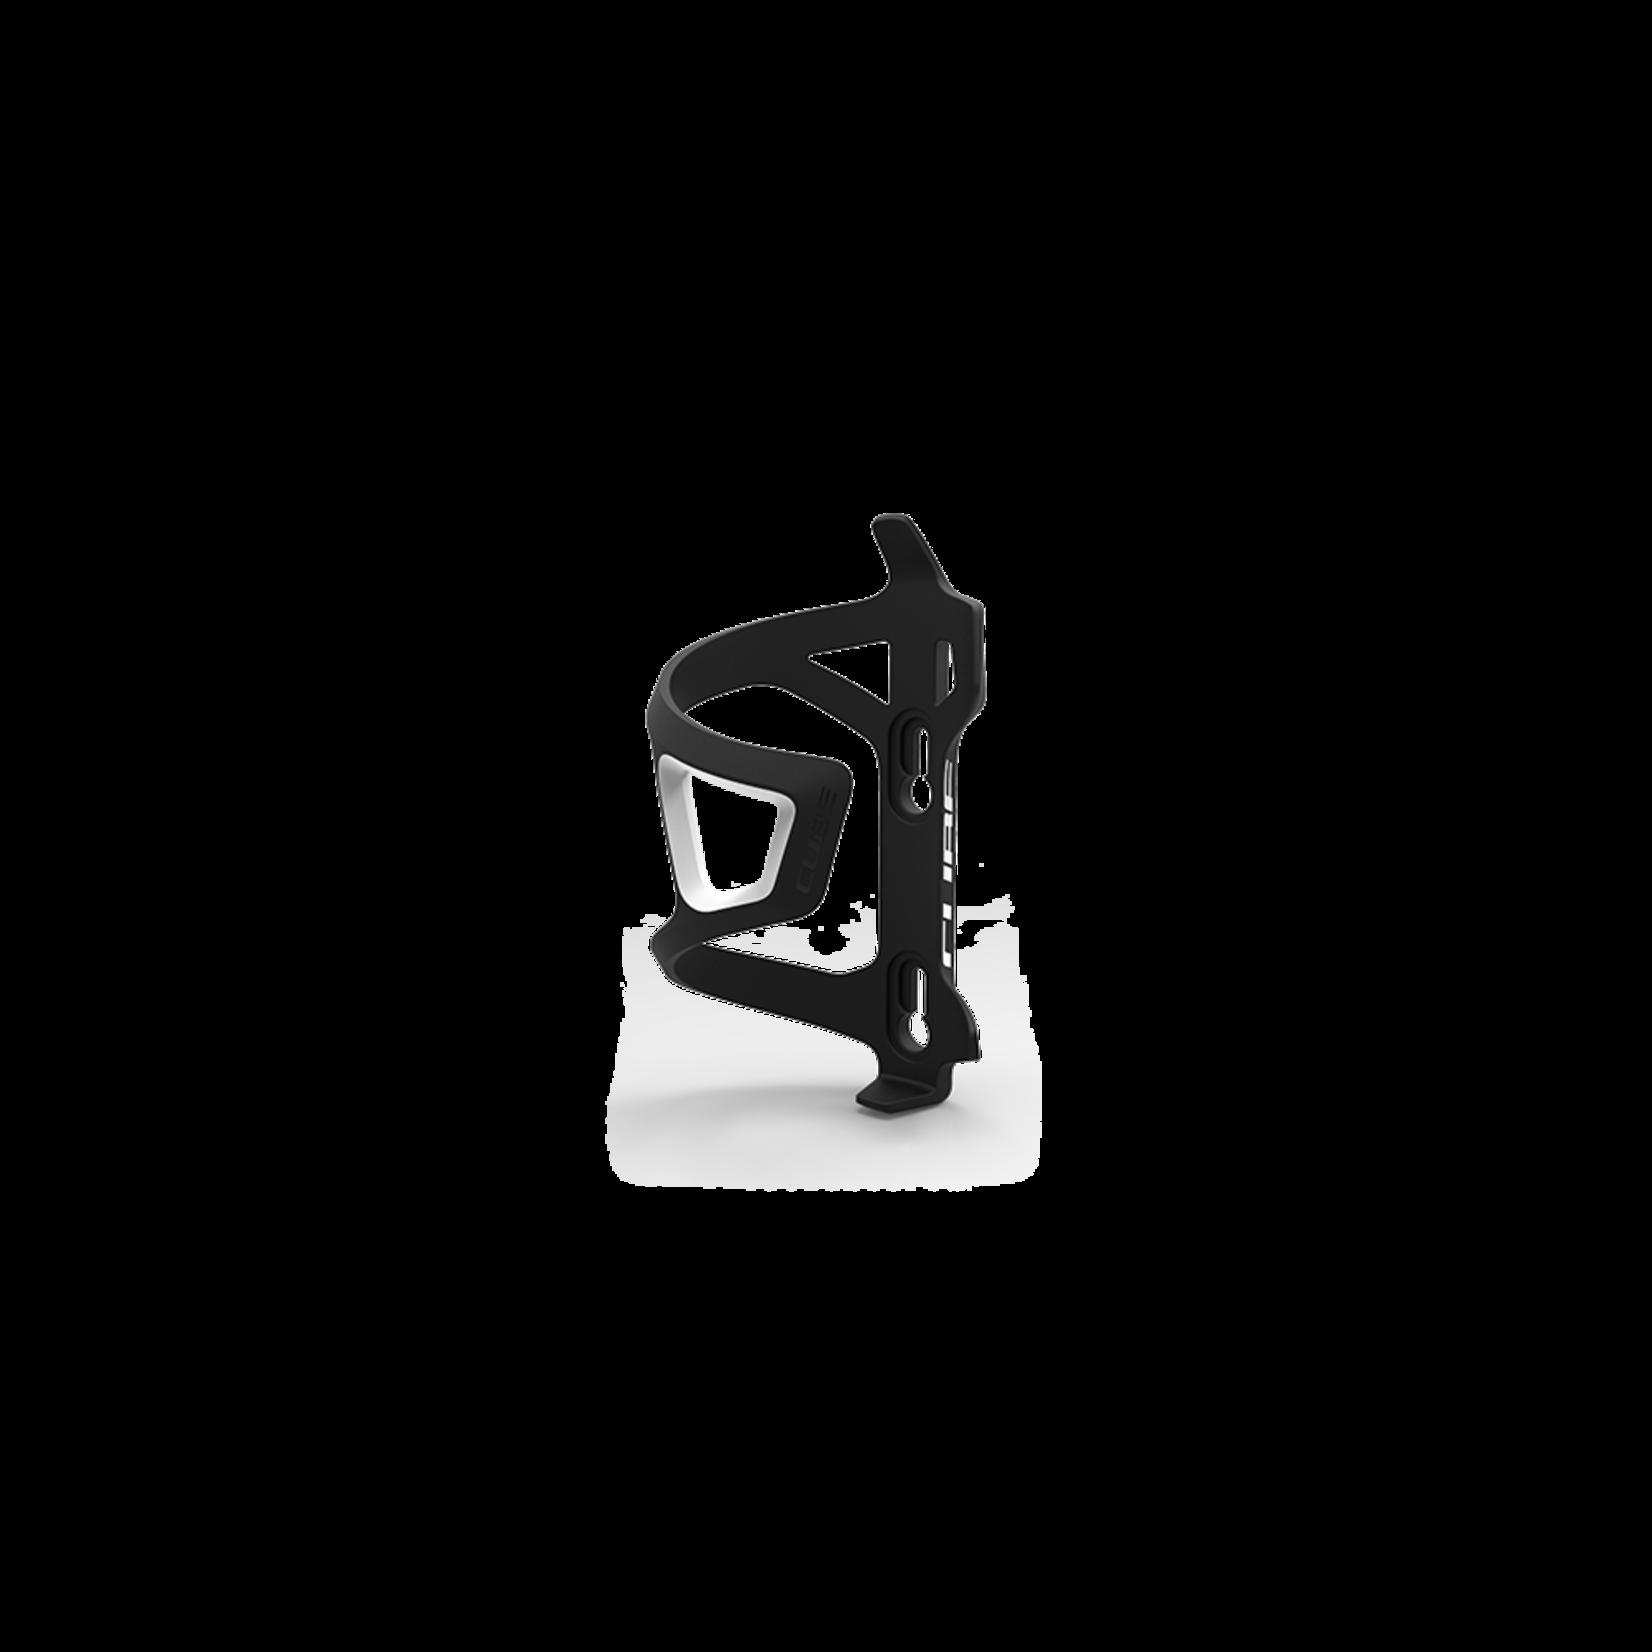 CUBE Flaschenhalter Cube uscita laterale - black&white